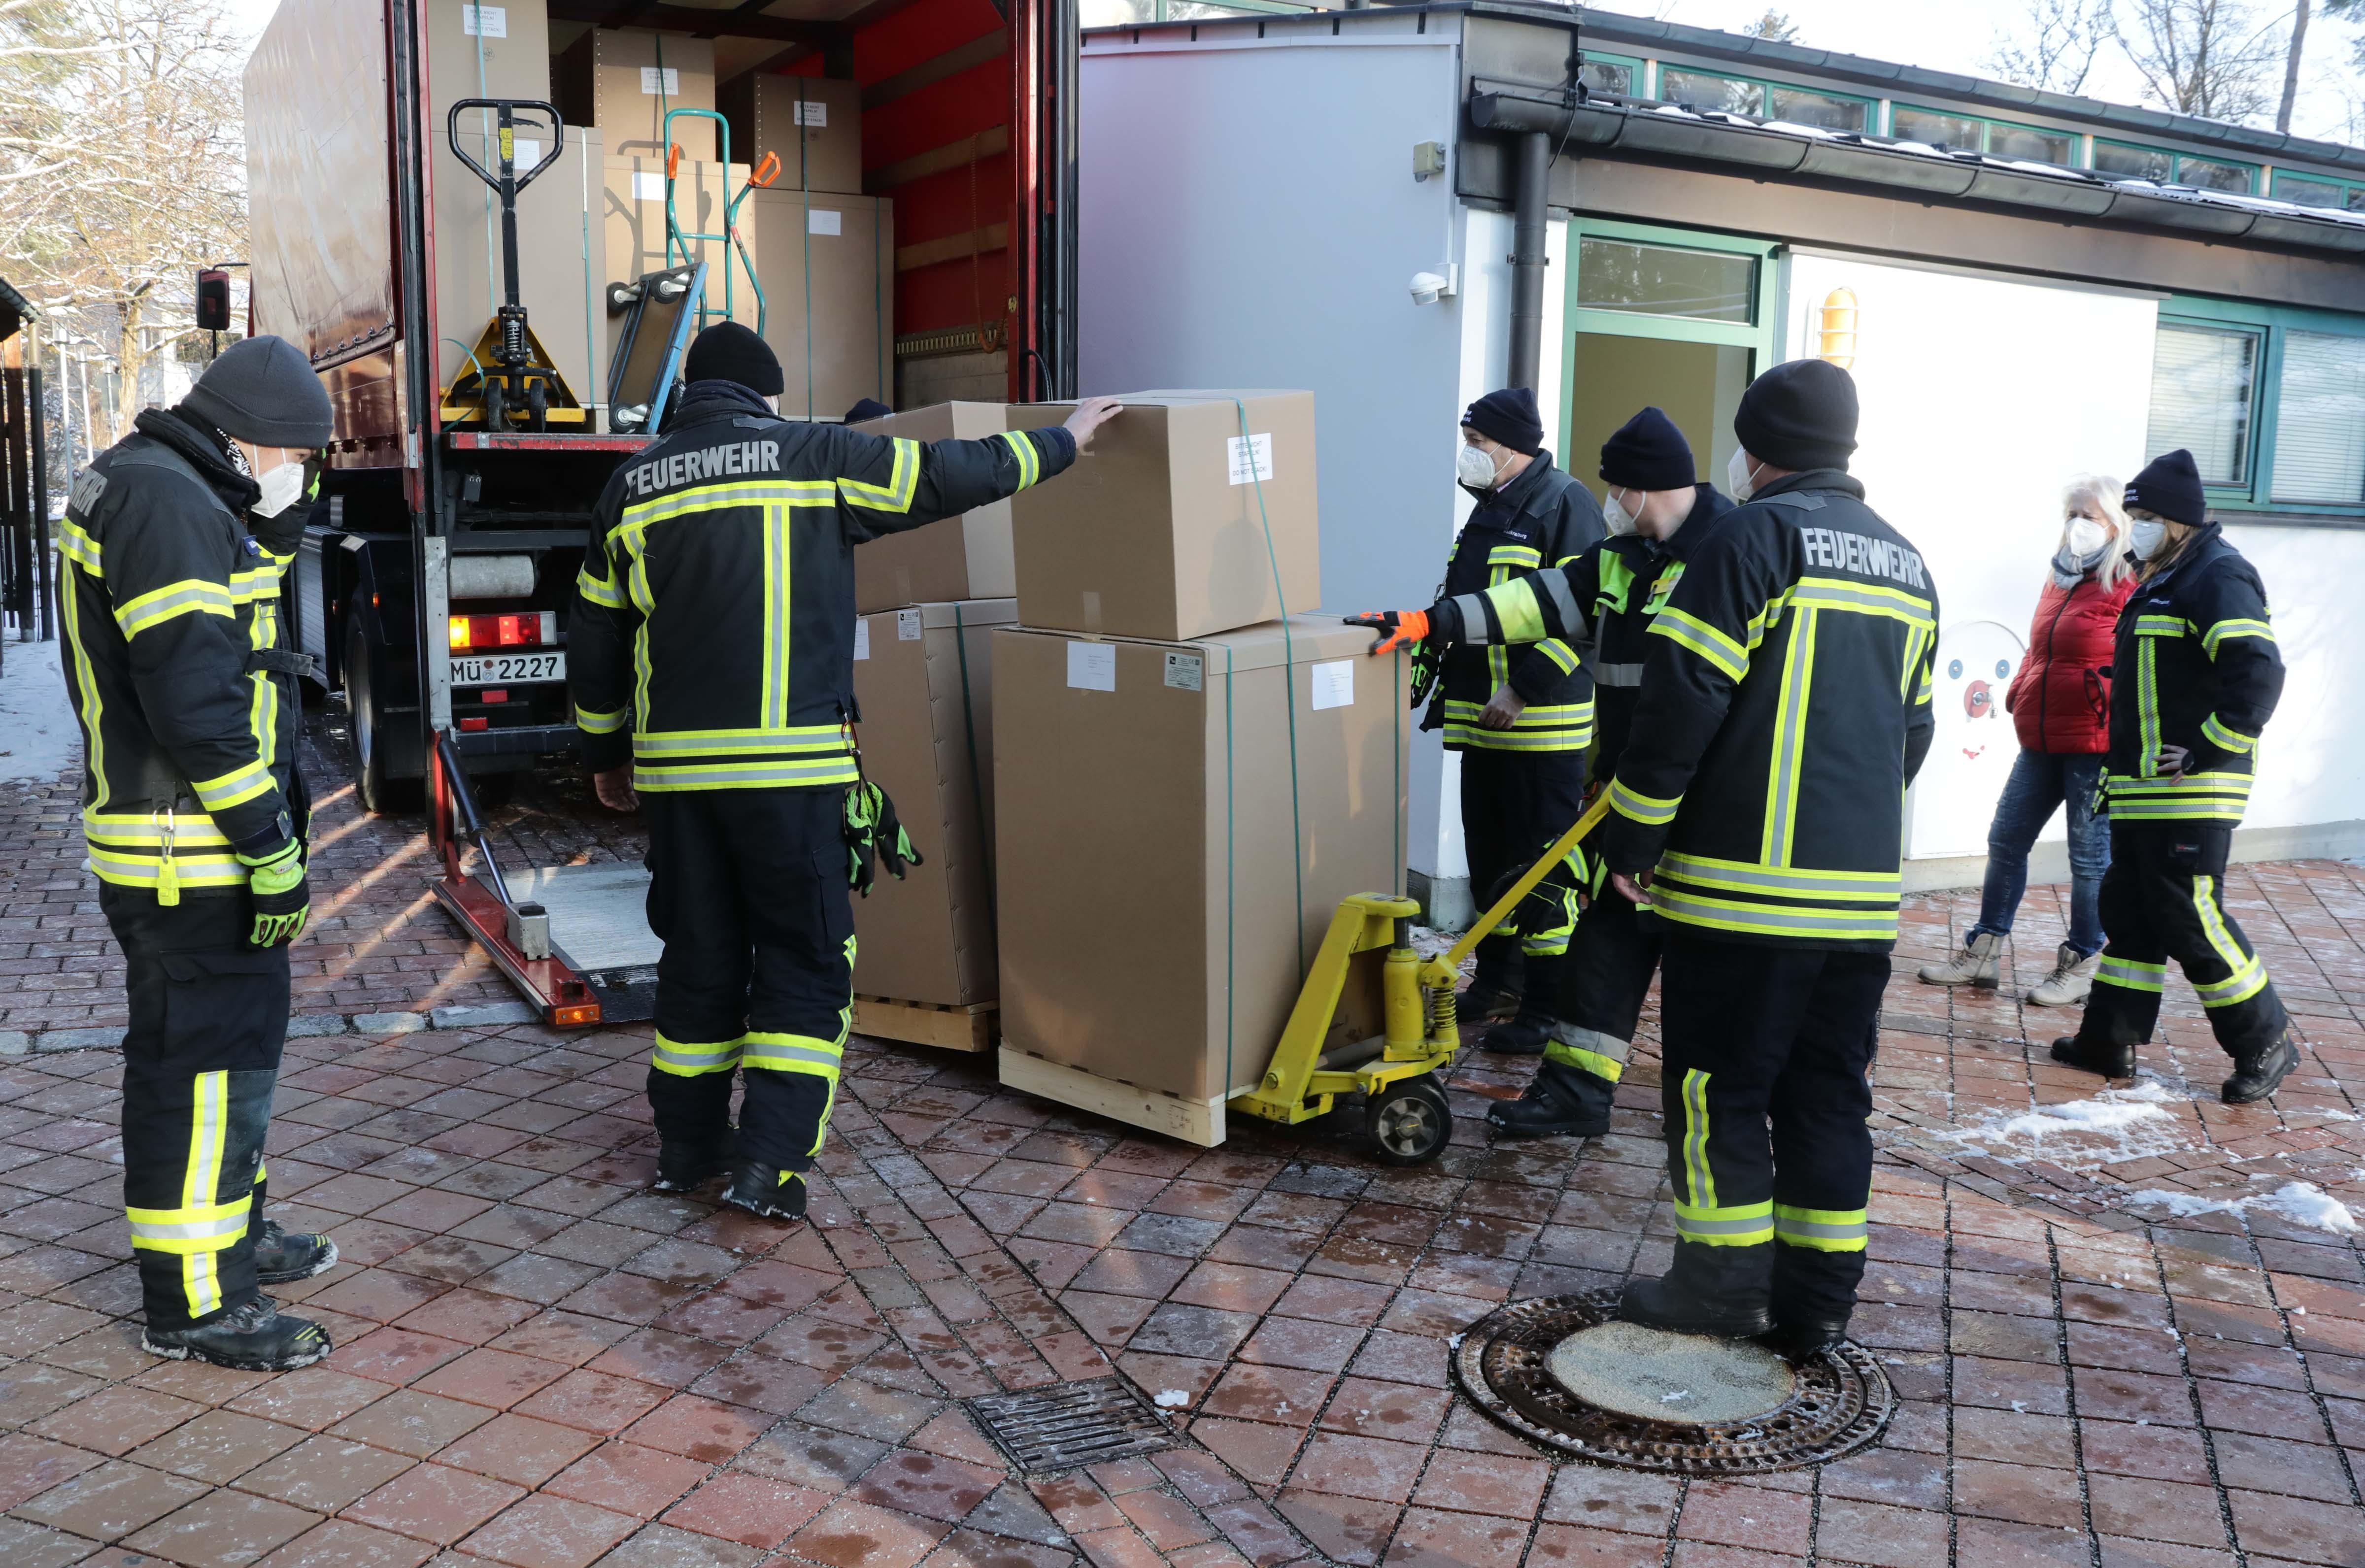 Mitglieder der Freiwilligen Feuerwehr Waldkraiburg bringen die Lieferung der Luftfiltergeräte zum LKW